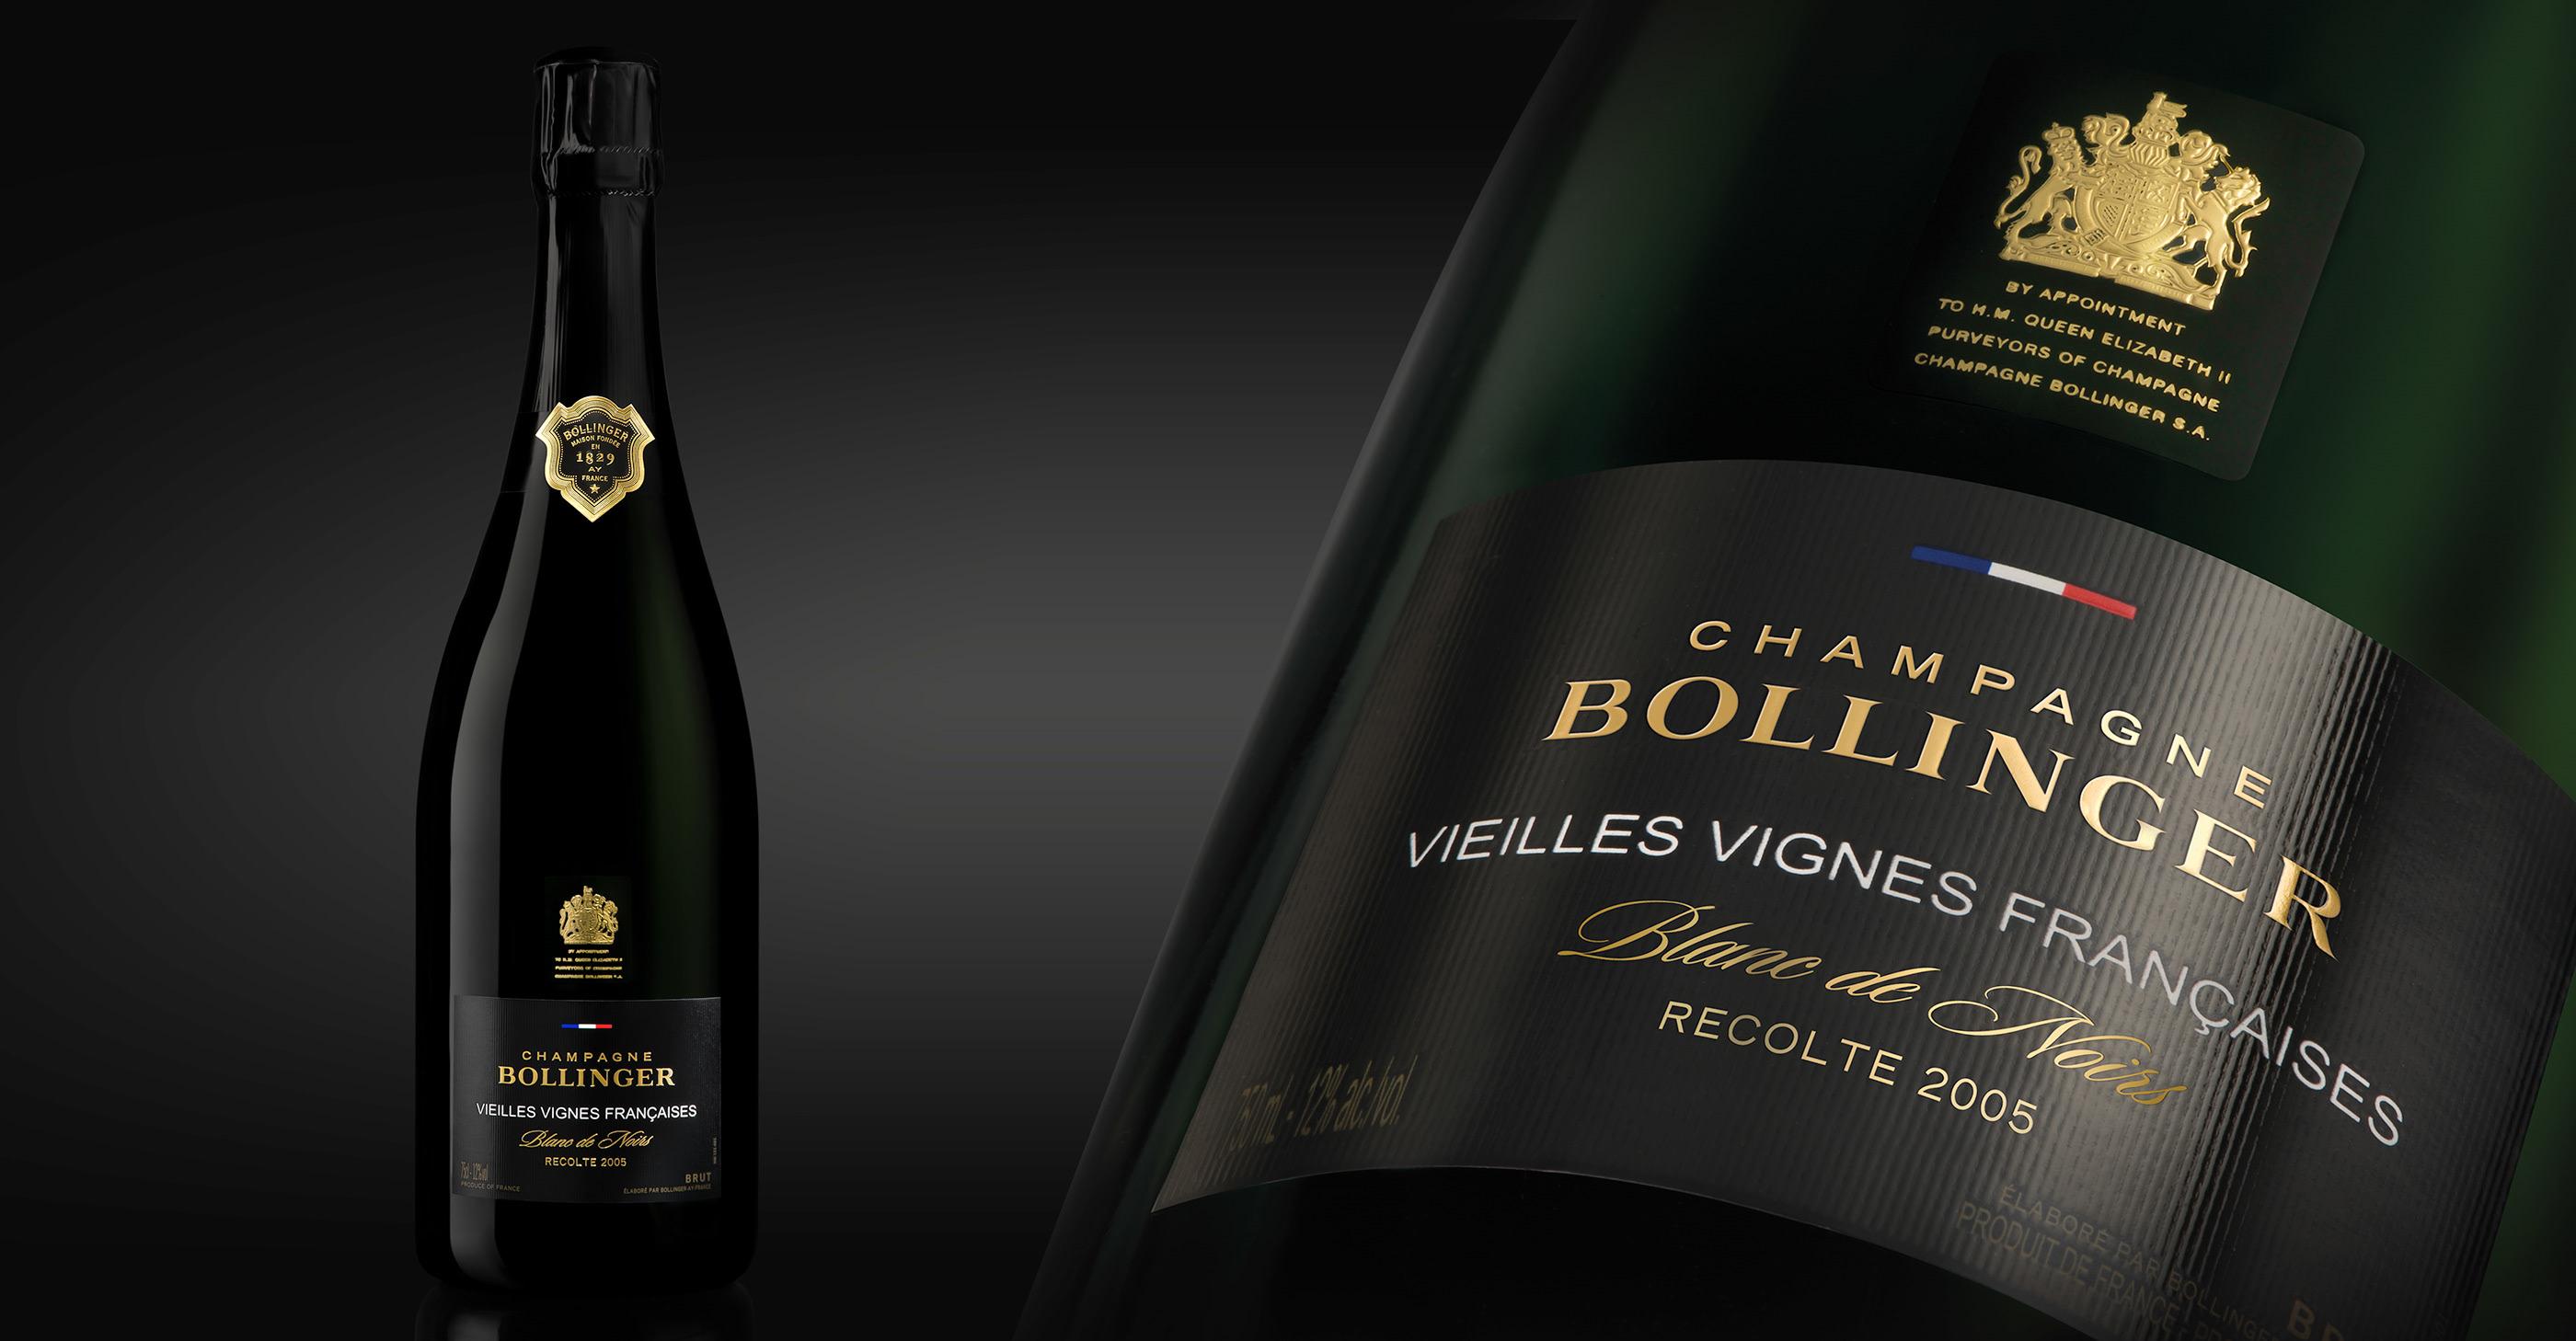 Champagne Bollinger - Vieilles vignes françaises 2005 on Behance